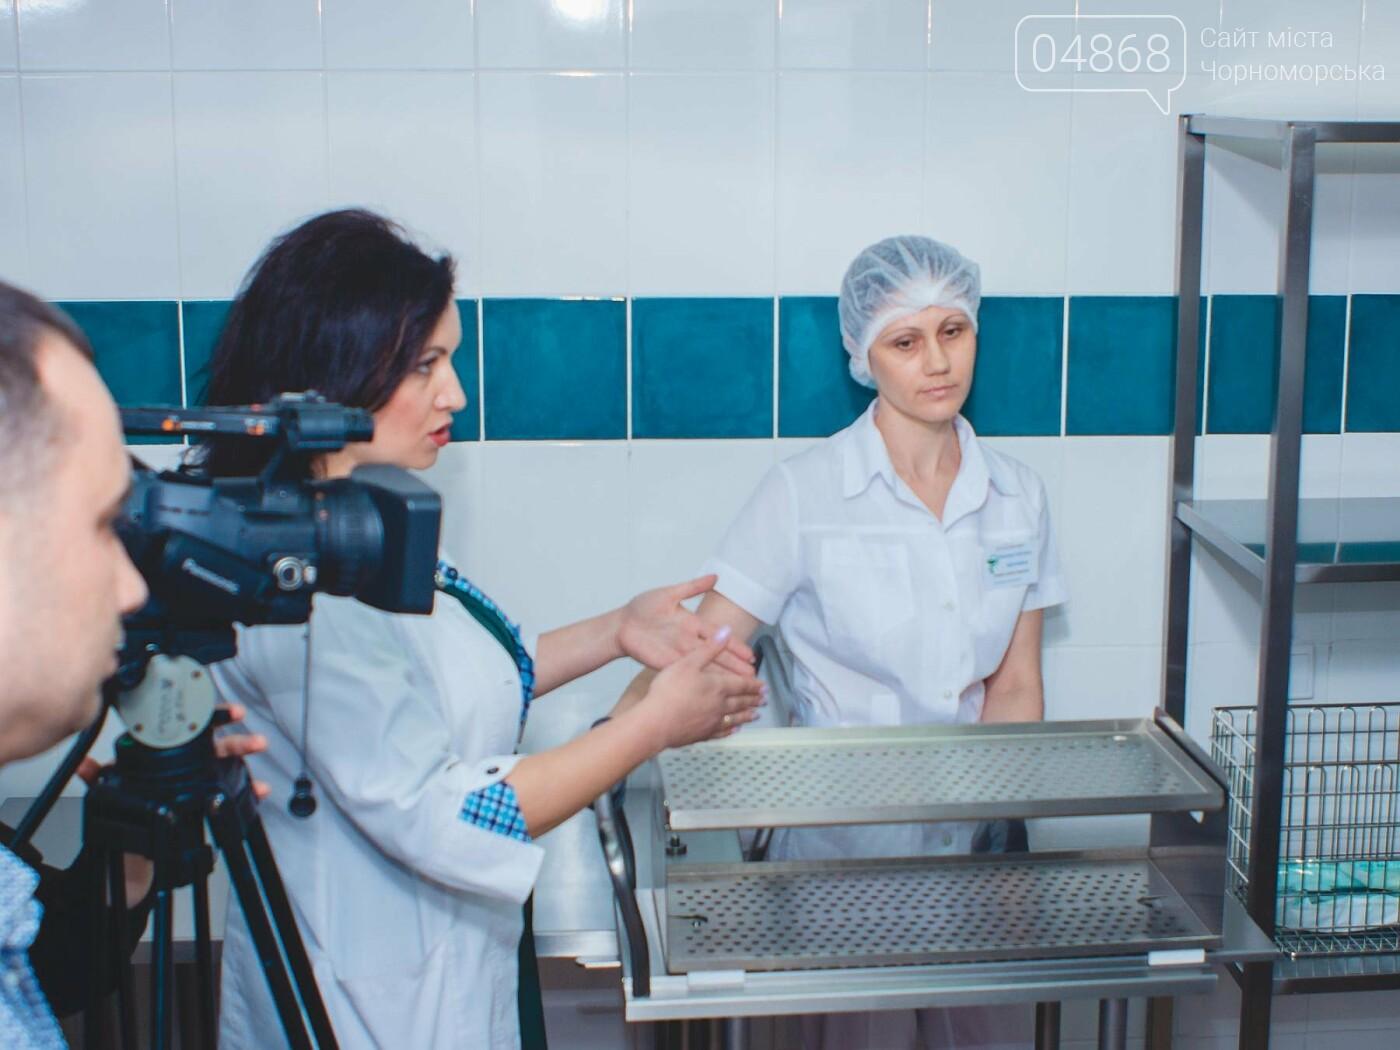 Мэр Черноморска поздравил медиков и посетил новое отделение больницы, фото-18